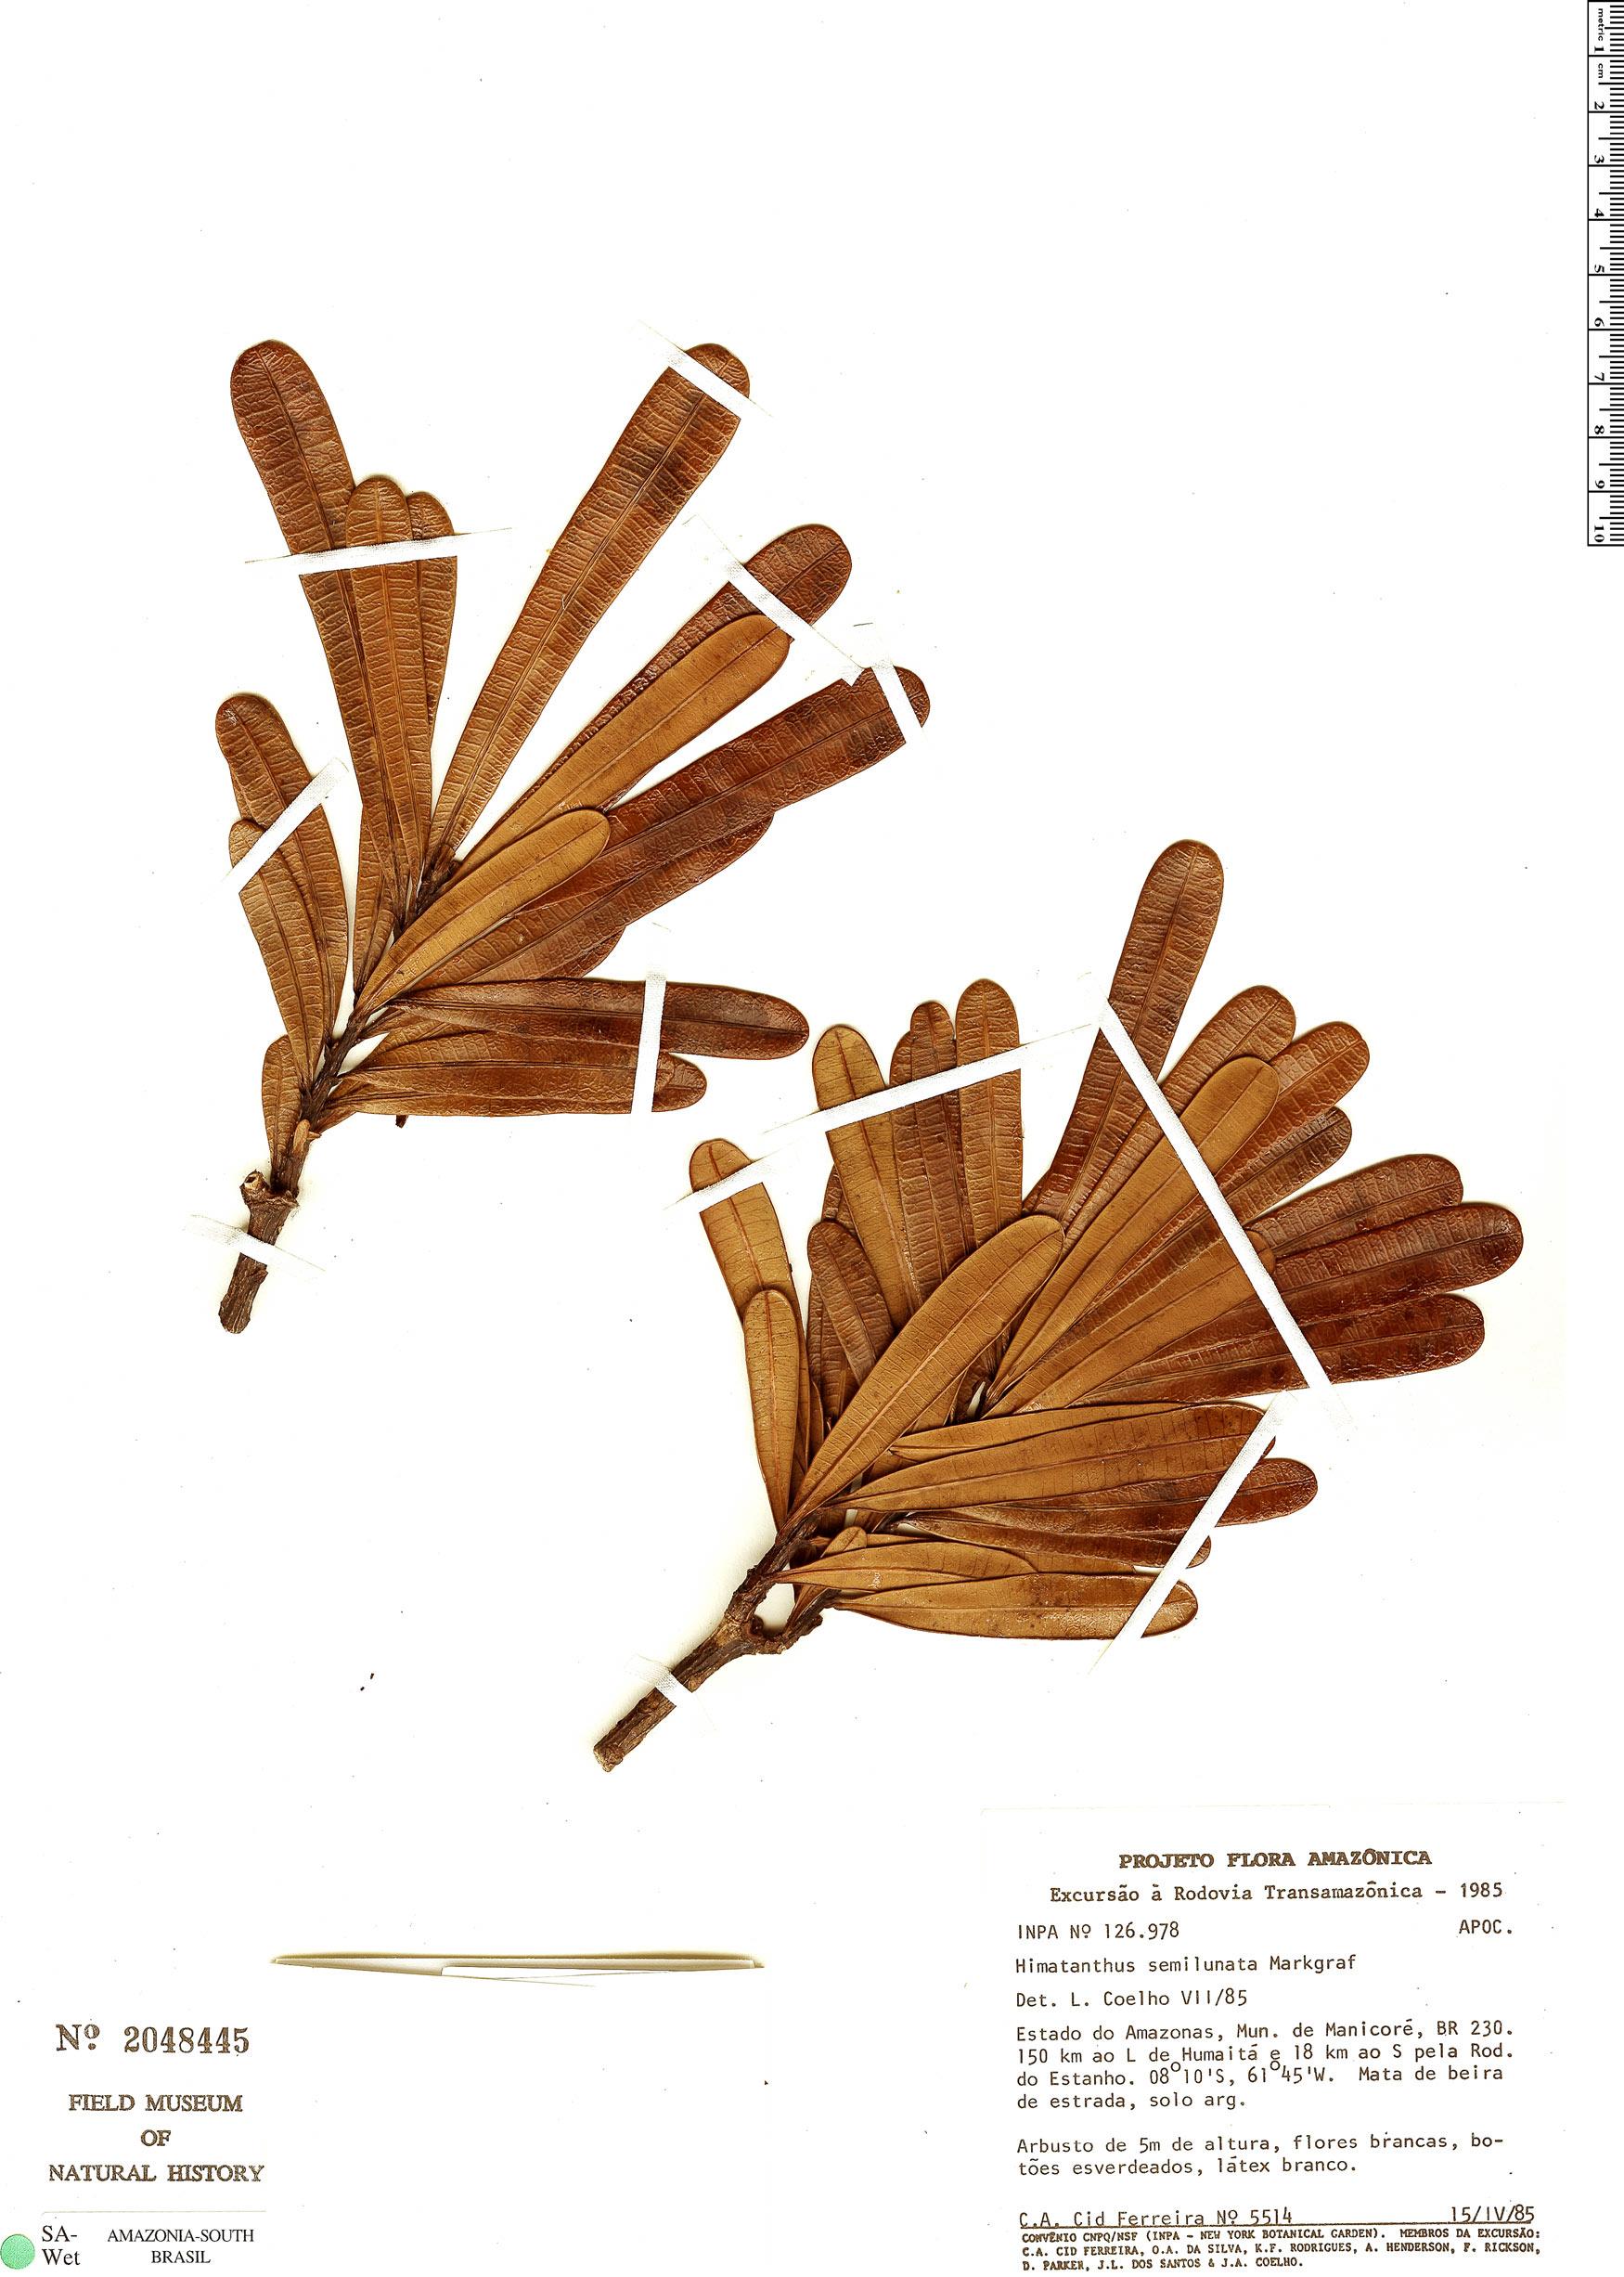 Specimen: Himatanthus semilunatus